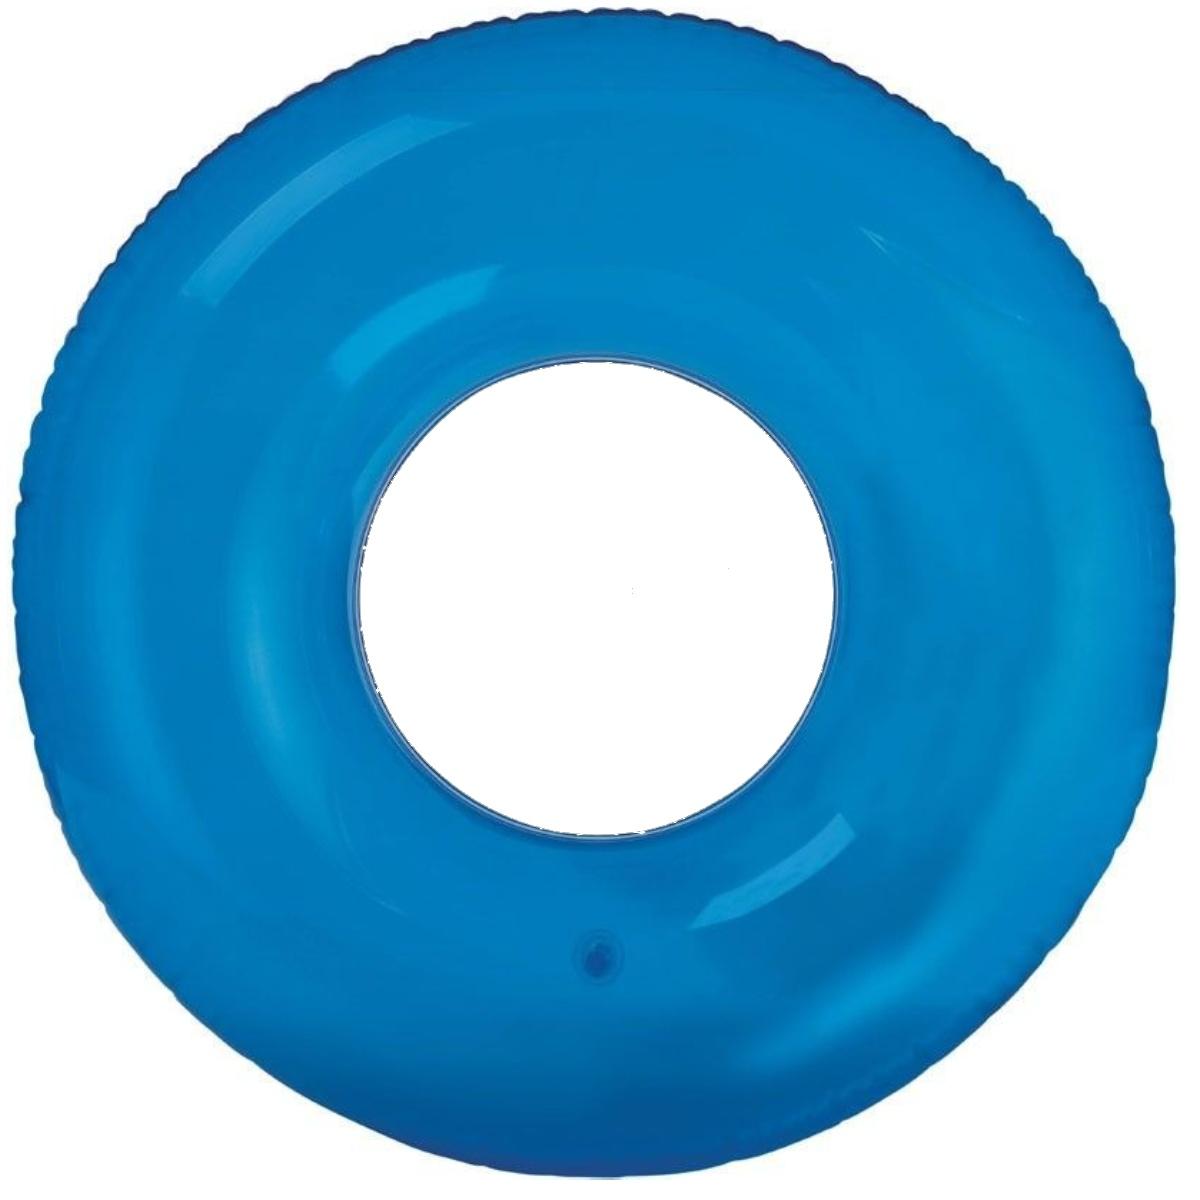 Nafukovací kruh barevný 76 cm - modrý